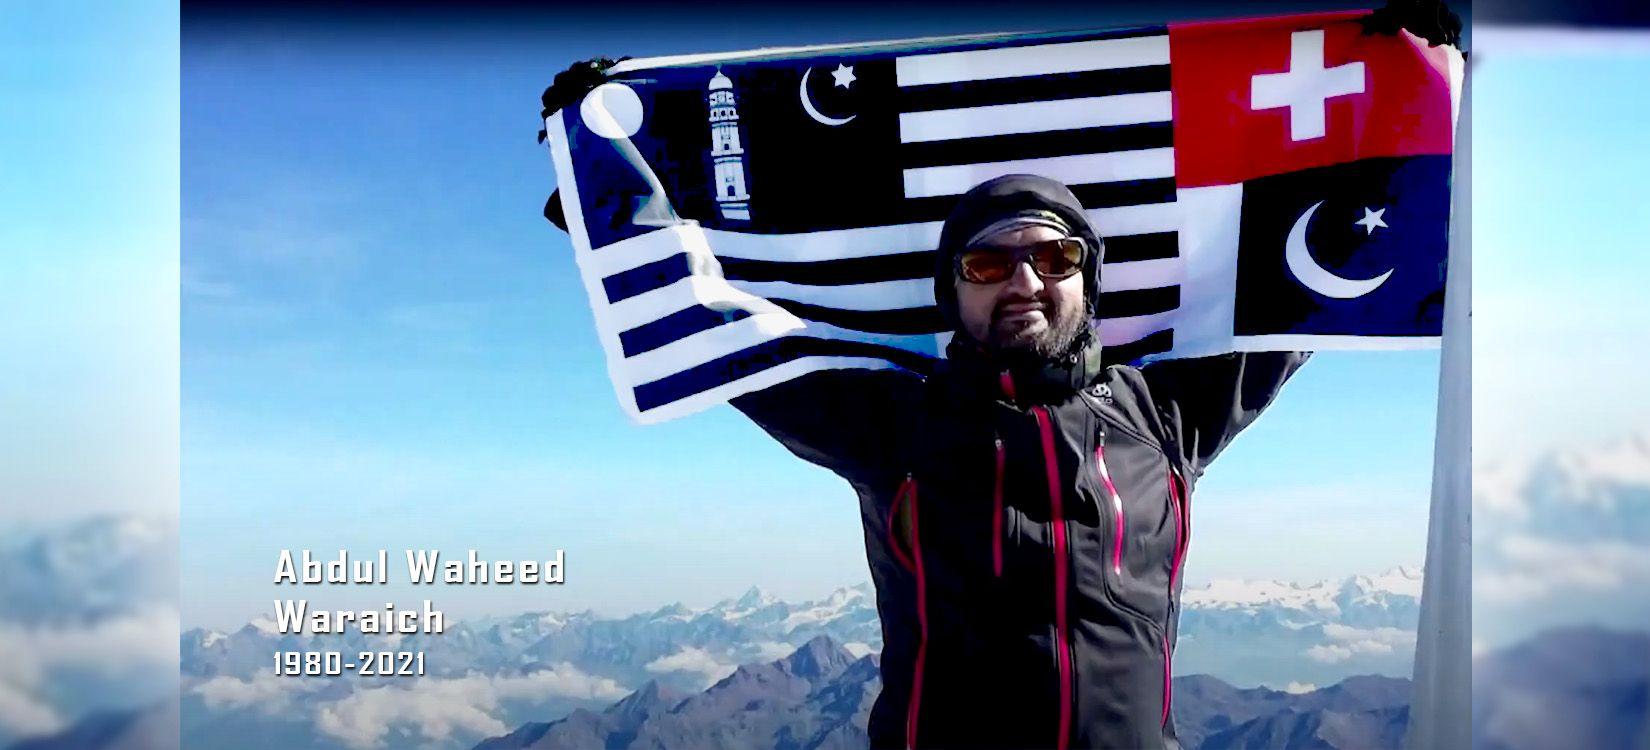 Abdul Waheed Waraich